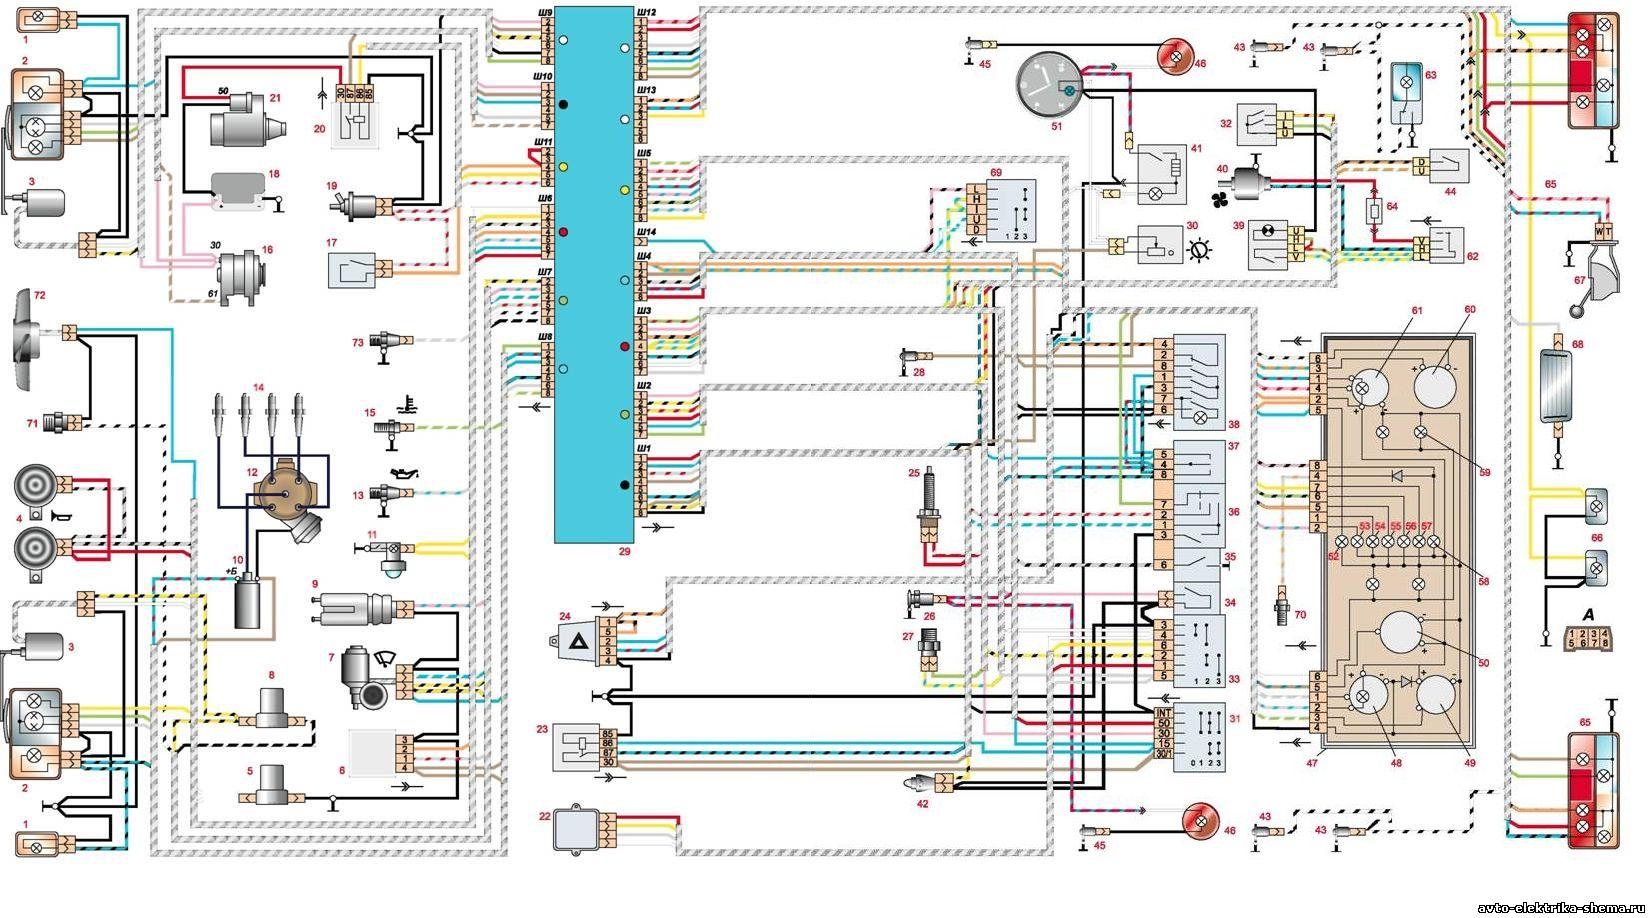 схема электрооборудования ваз 2107 наружного освещения